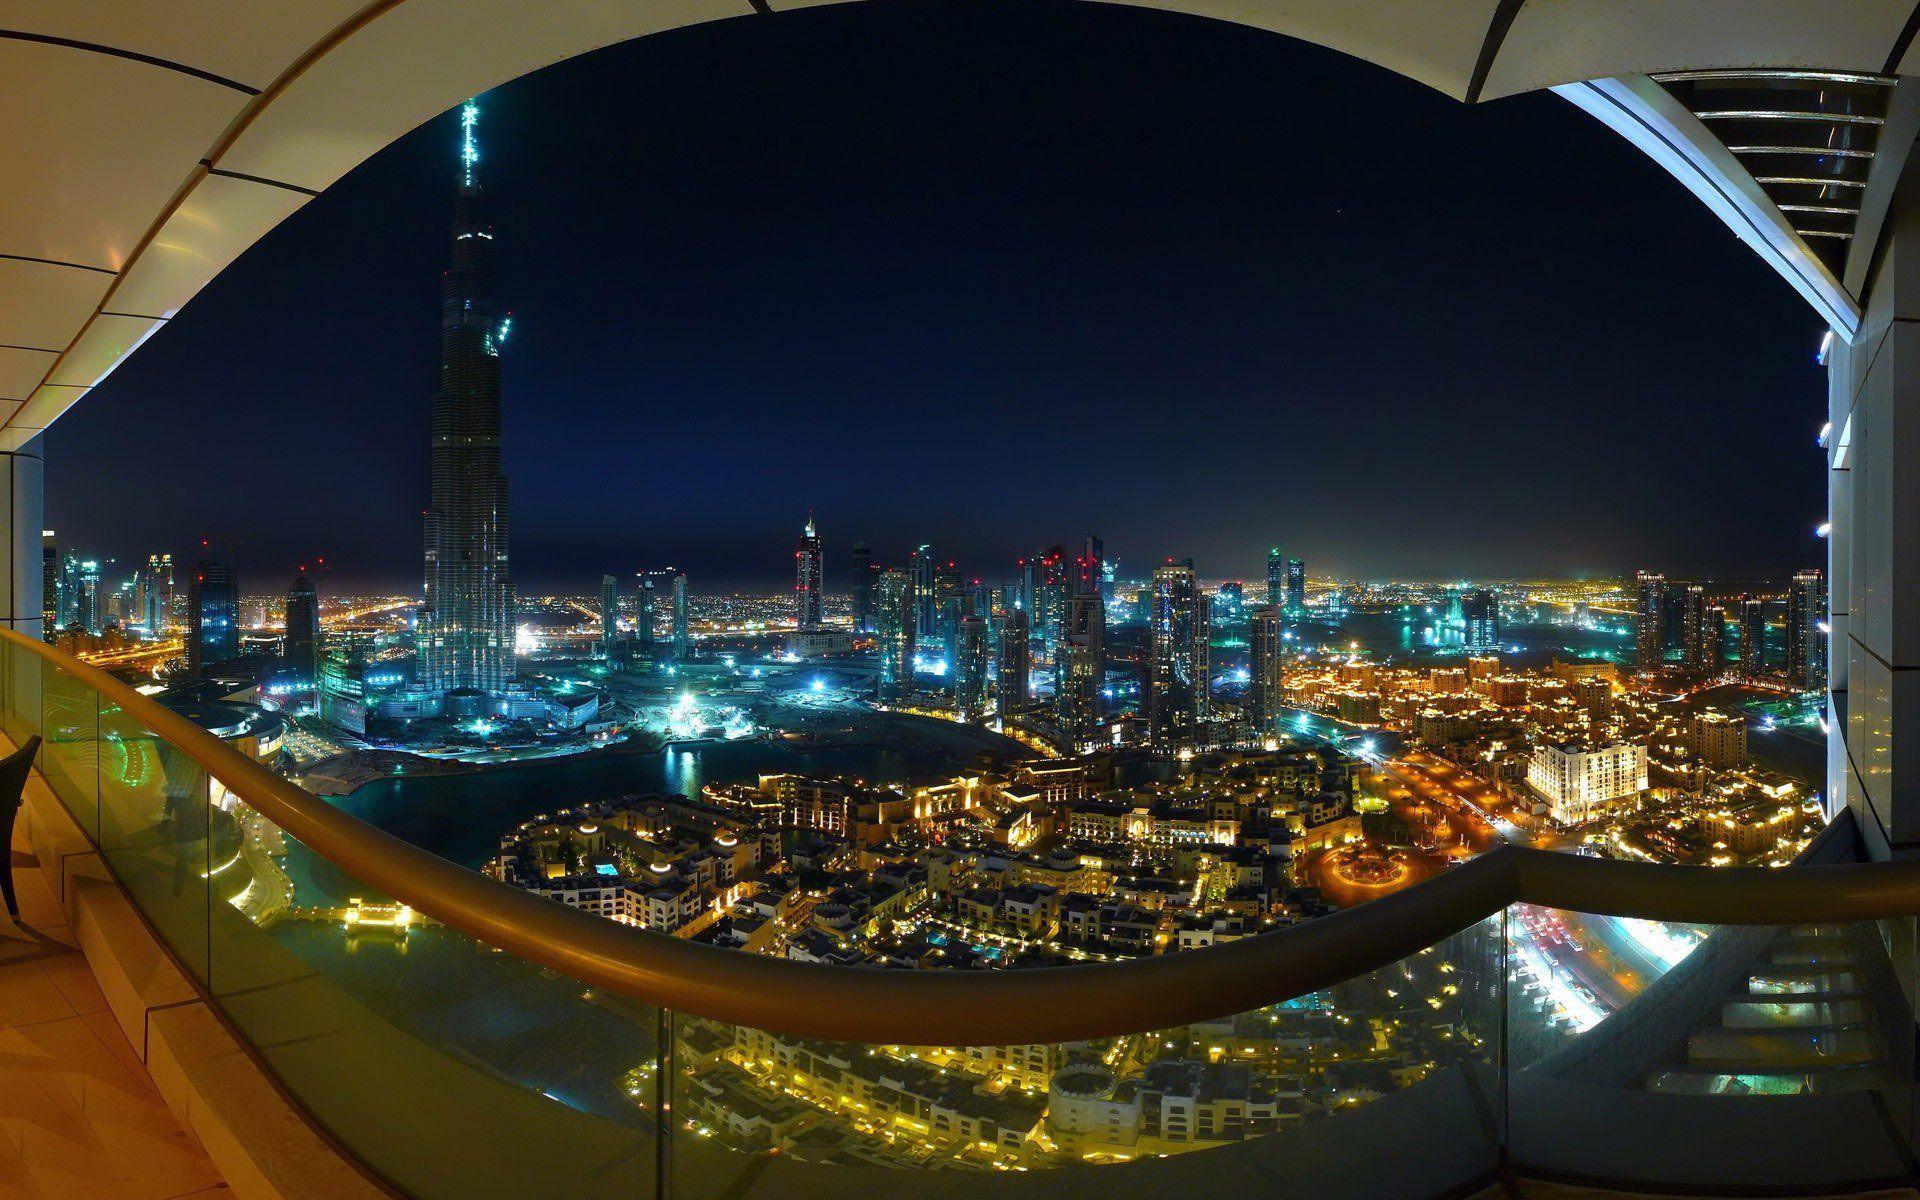 Panoramic Dubai Burj Khalifa Photos 1920x1200 HD